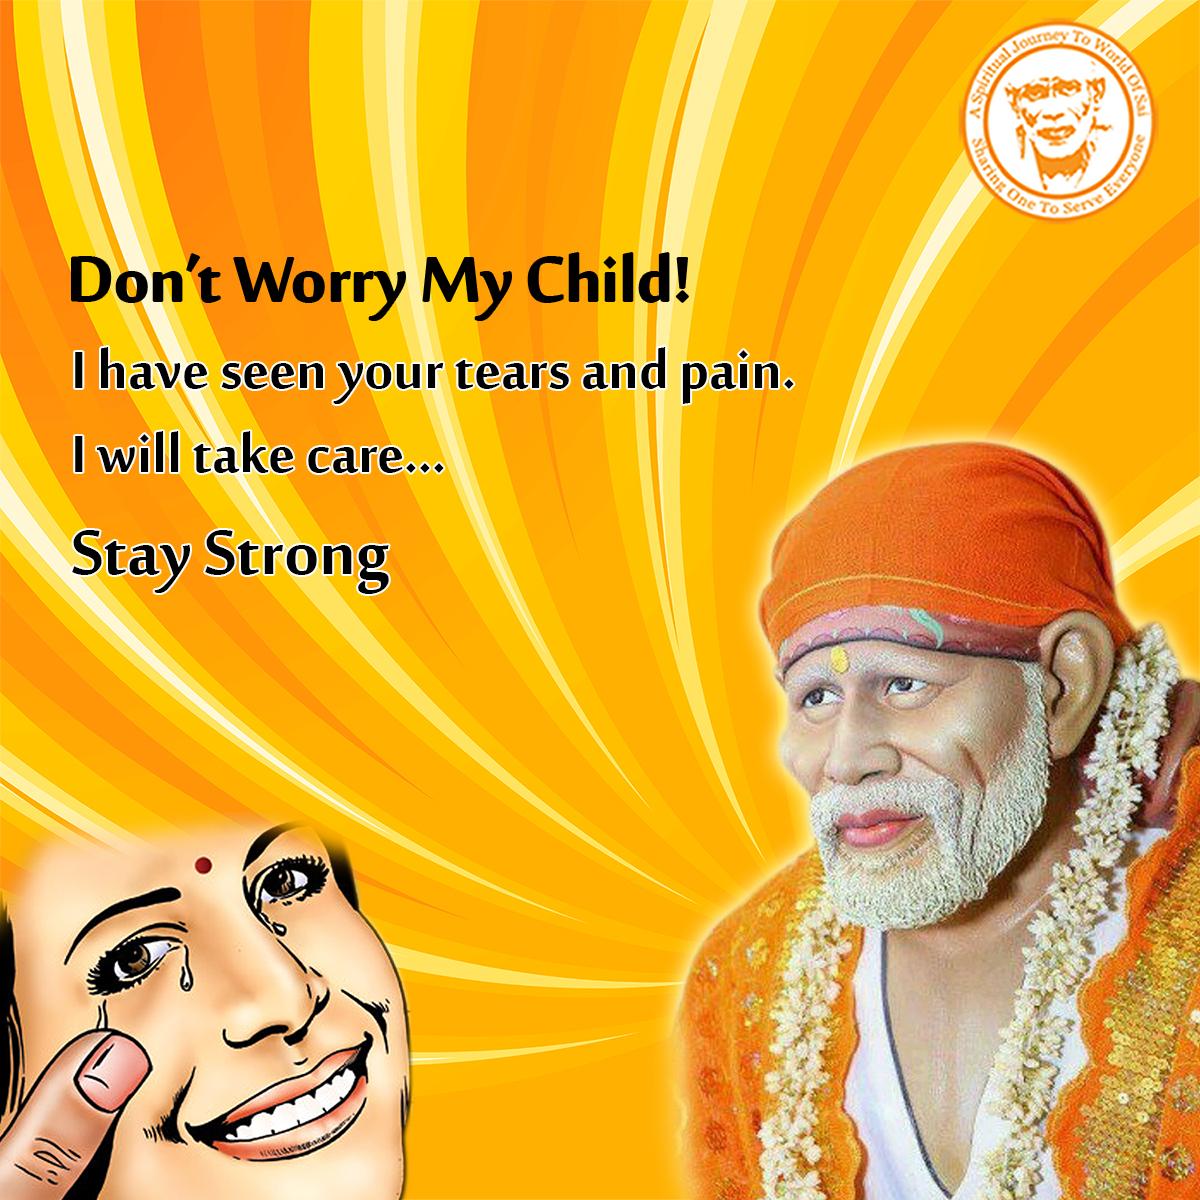 A Couple of Sai Baba Experiences - Part 959 | Sai Baba